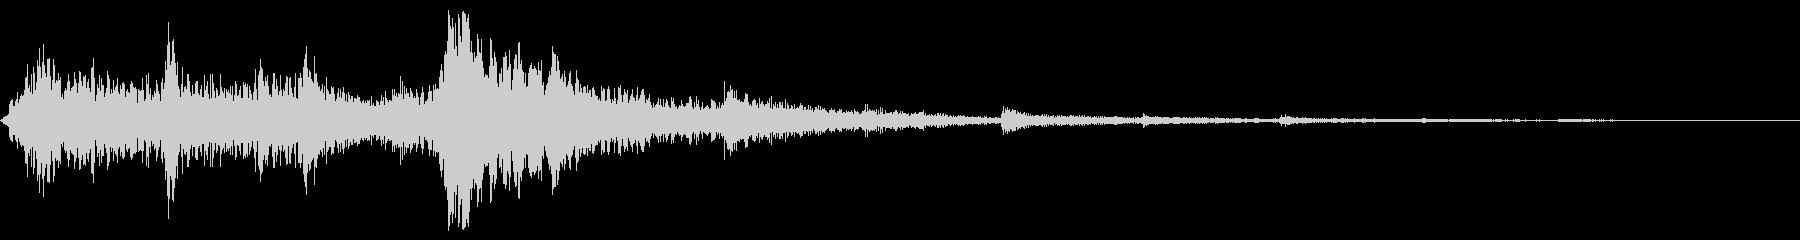 アップテンポのアコースティックギタ...の未再生の波形